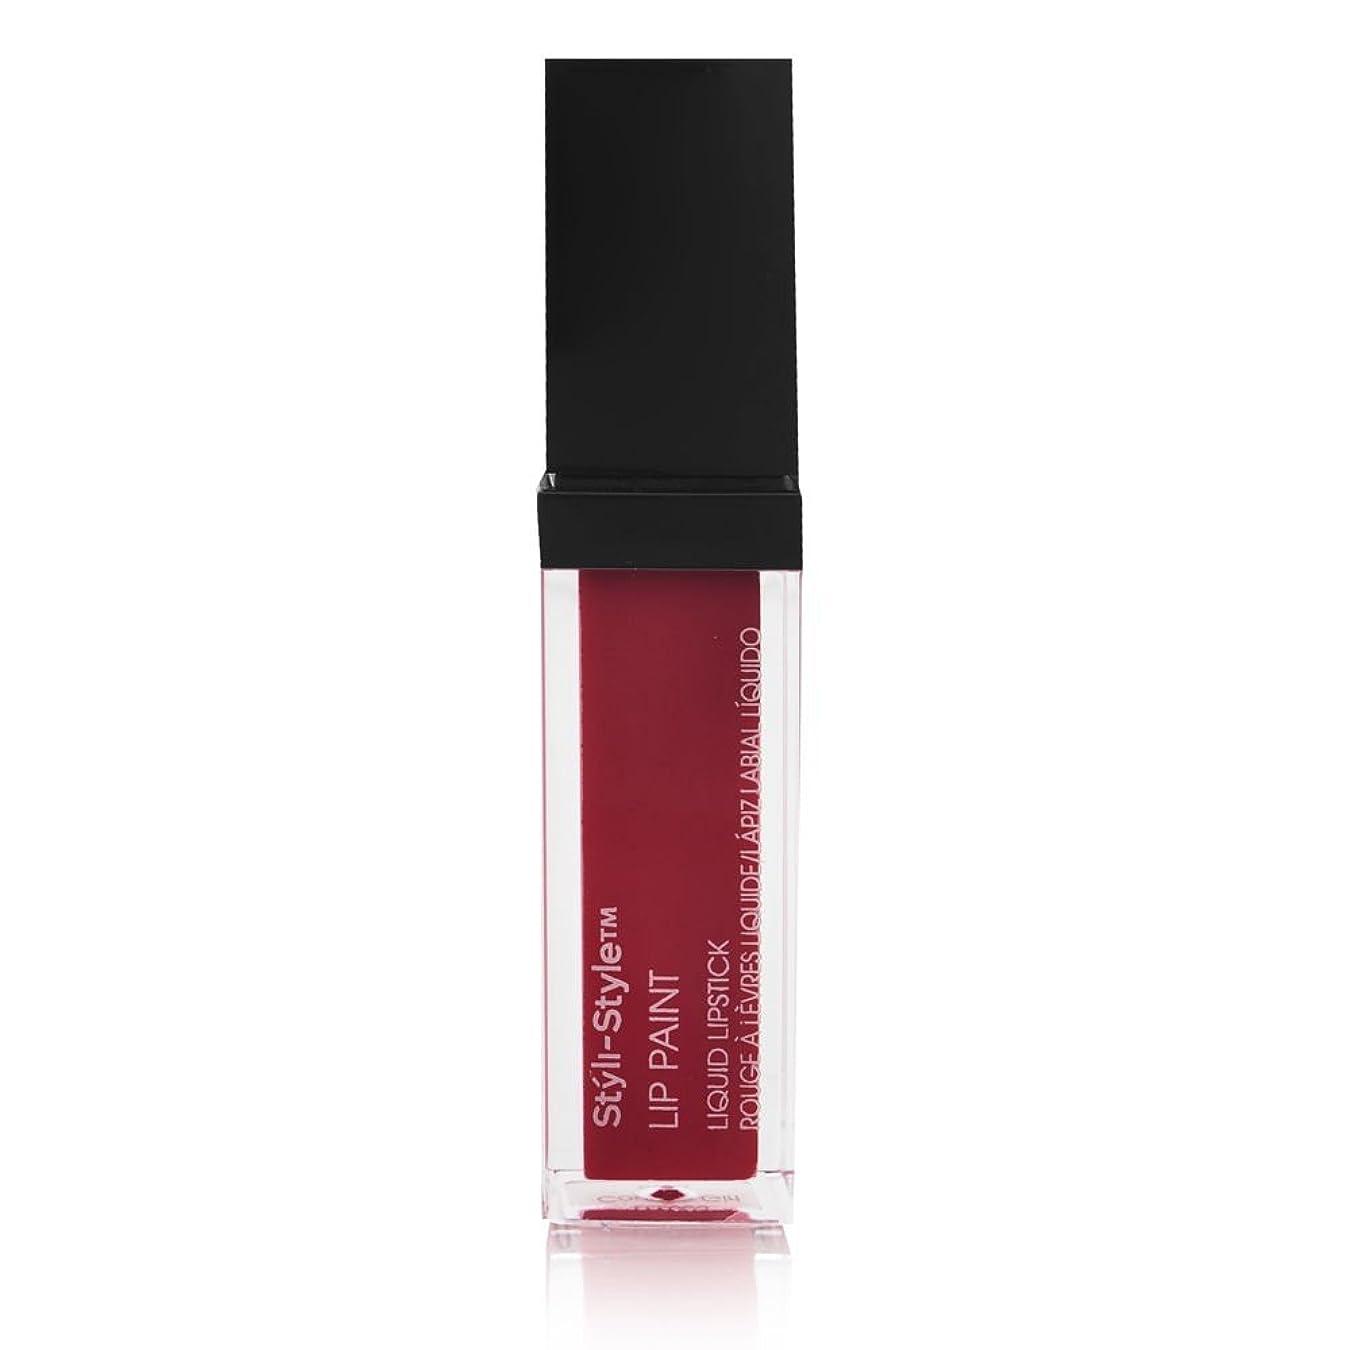 まあ保有者シンクStyli-style Cosmetics スタイラススタイルリップはリキッド口紅市スリッカーペイント 赤